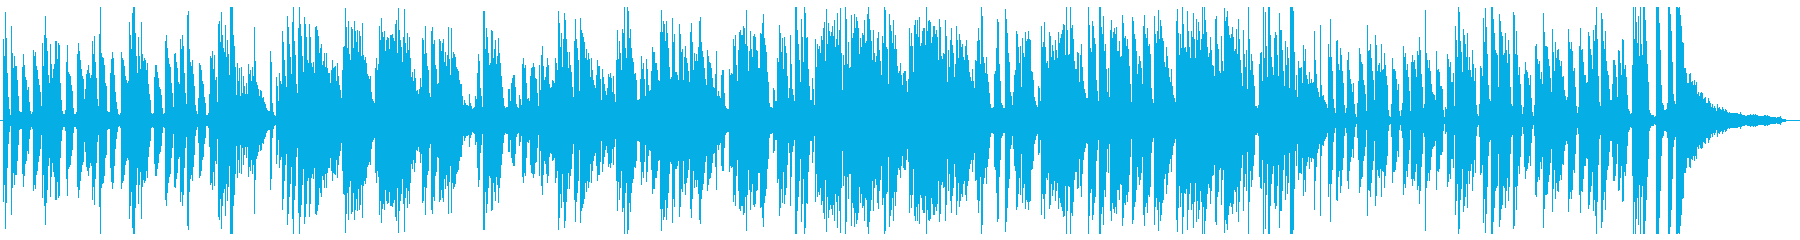 伝統的なジャズ ビバップ 怠け者 ...の再生済みの波形